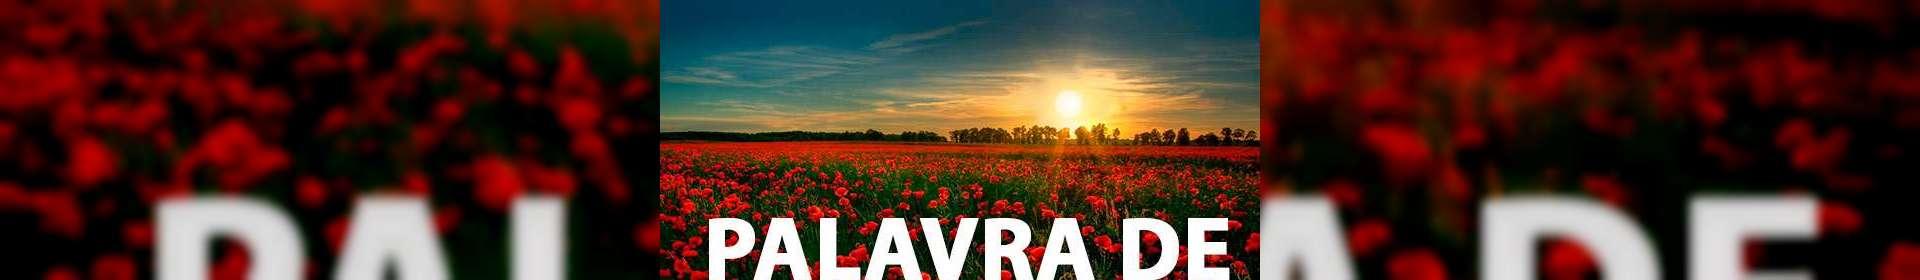 Gálatas 1:12 - Uma Palavra de Esperança para sua vida